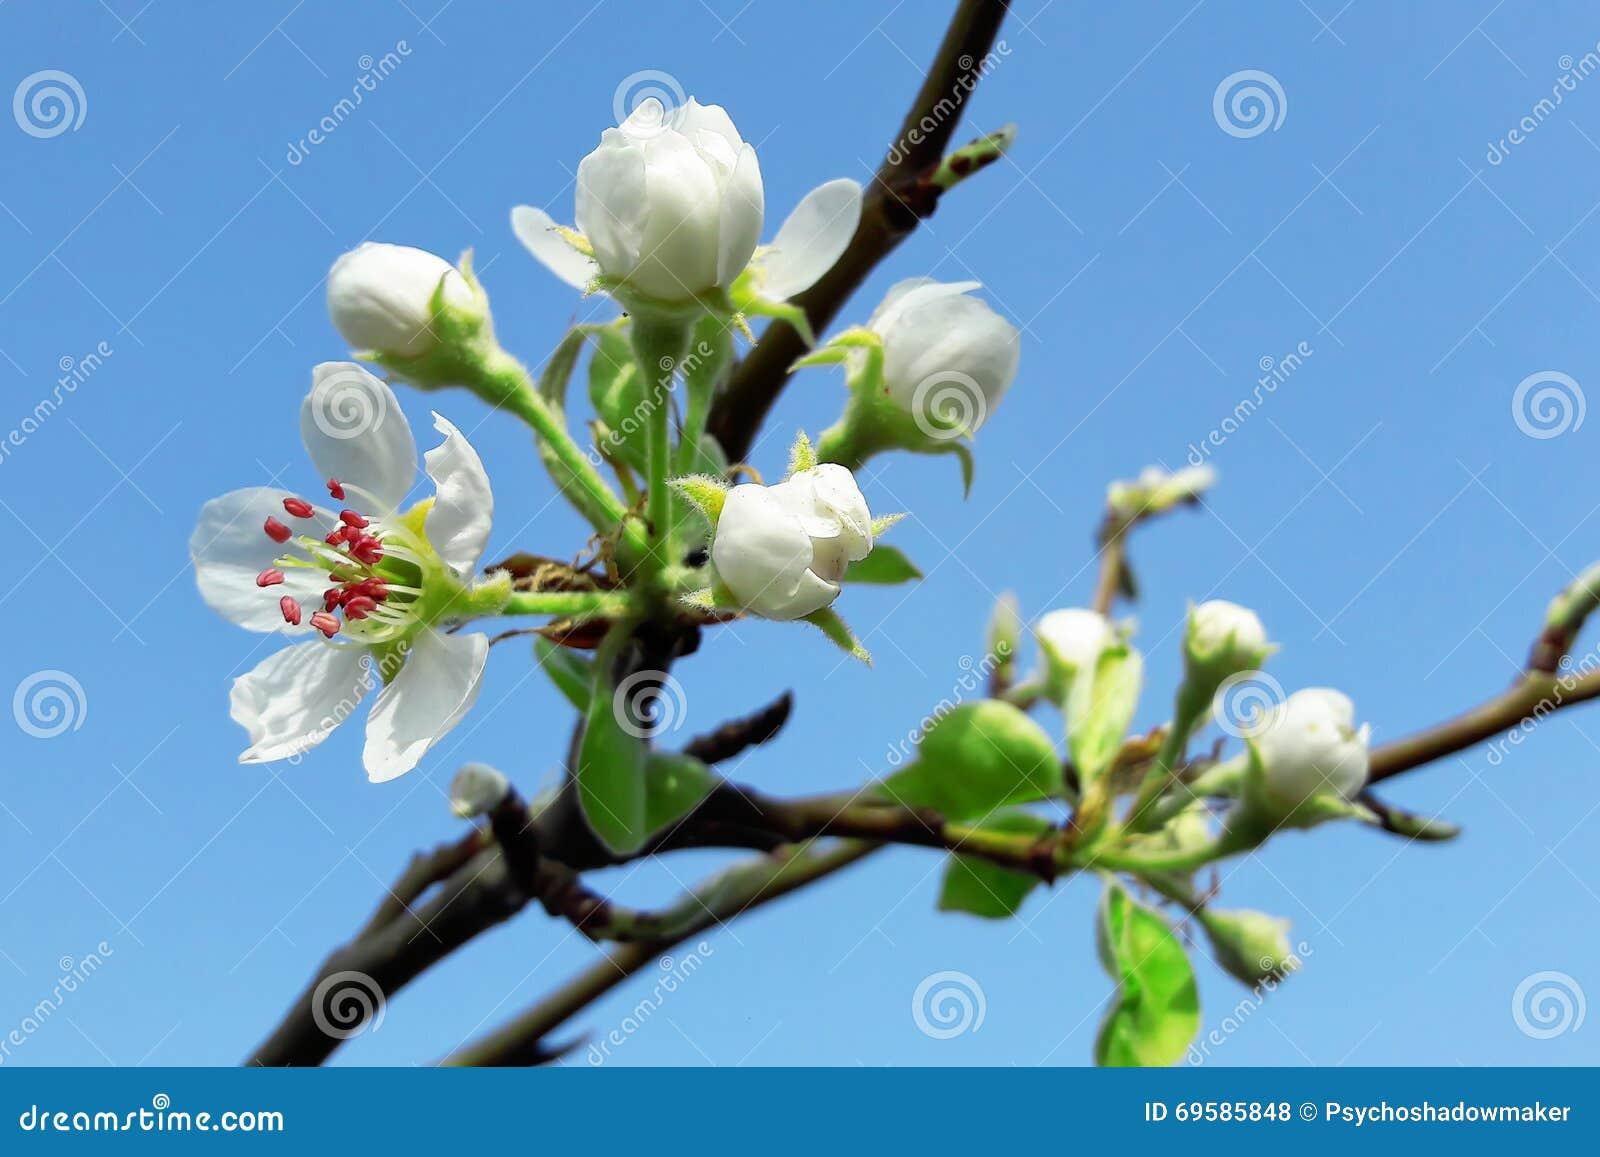 Фото цветок груши